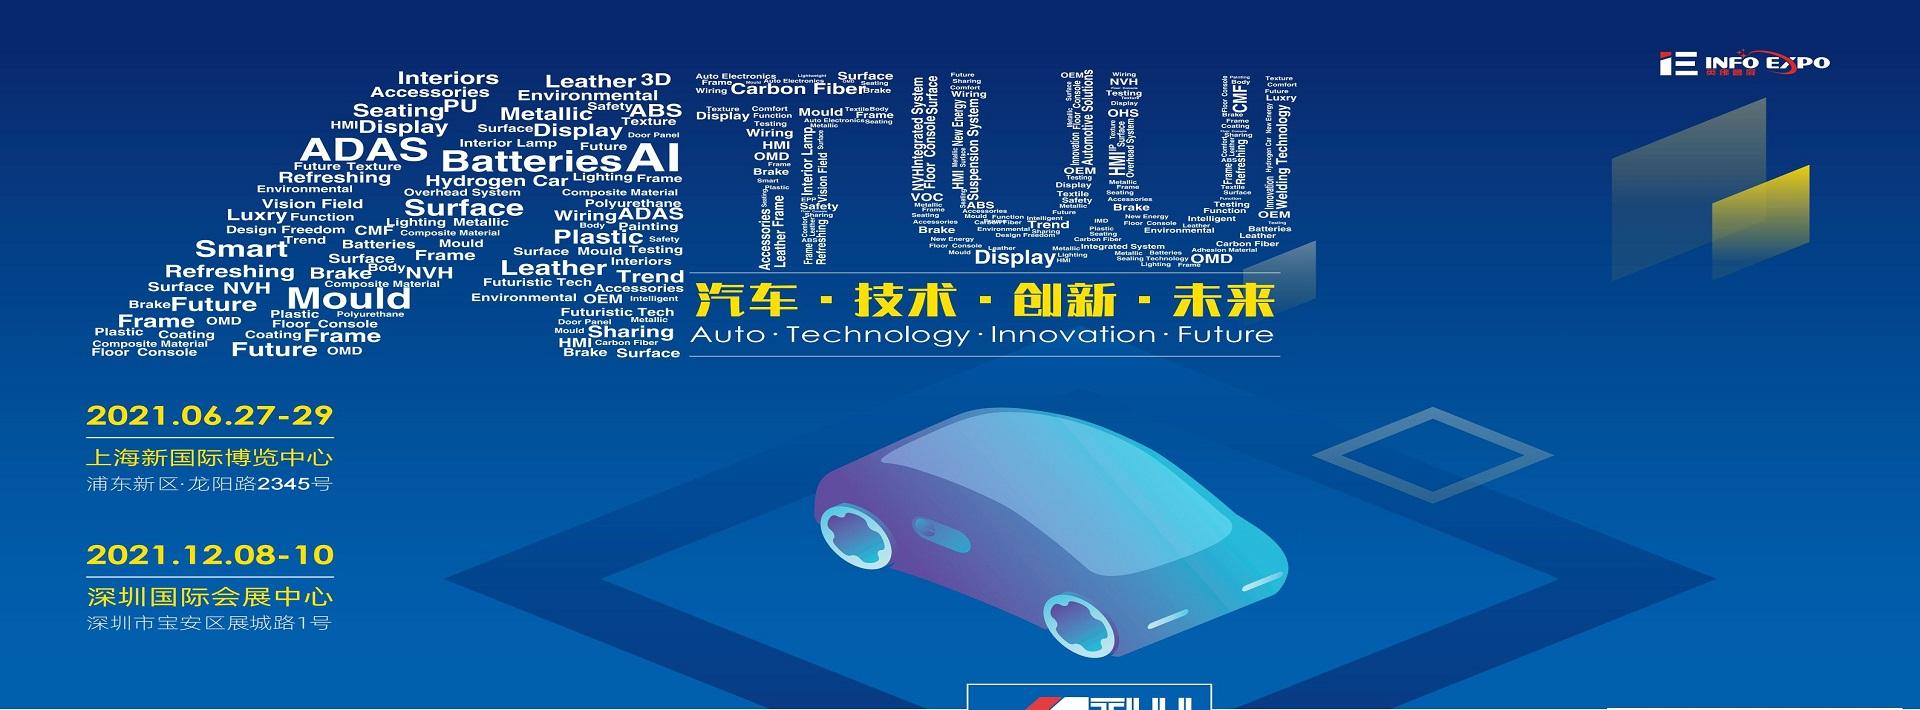 2021上海車展-cn-1